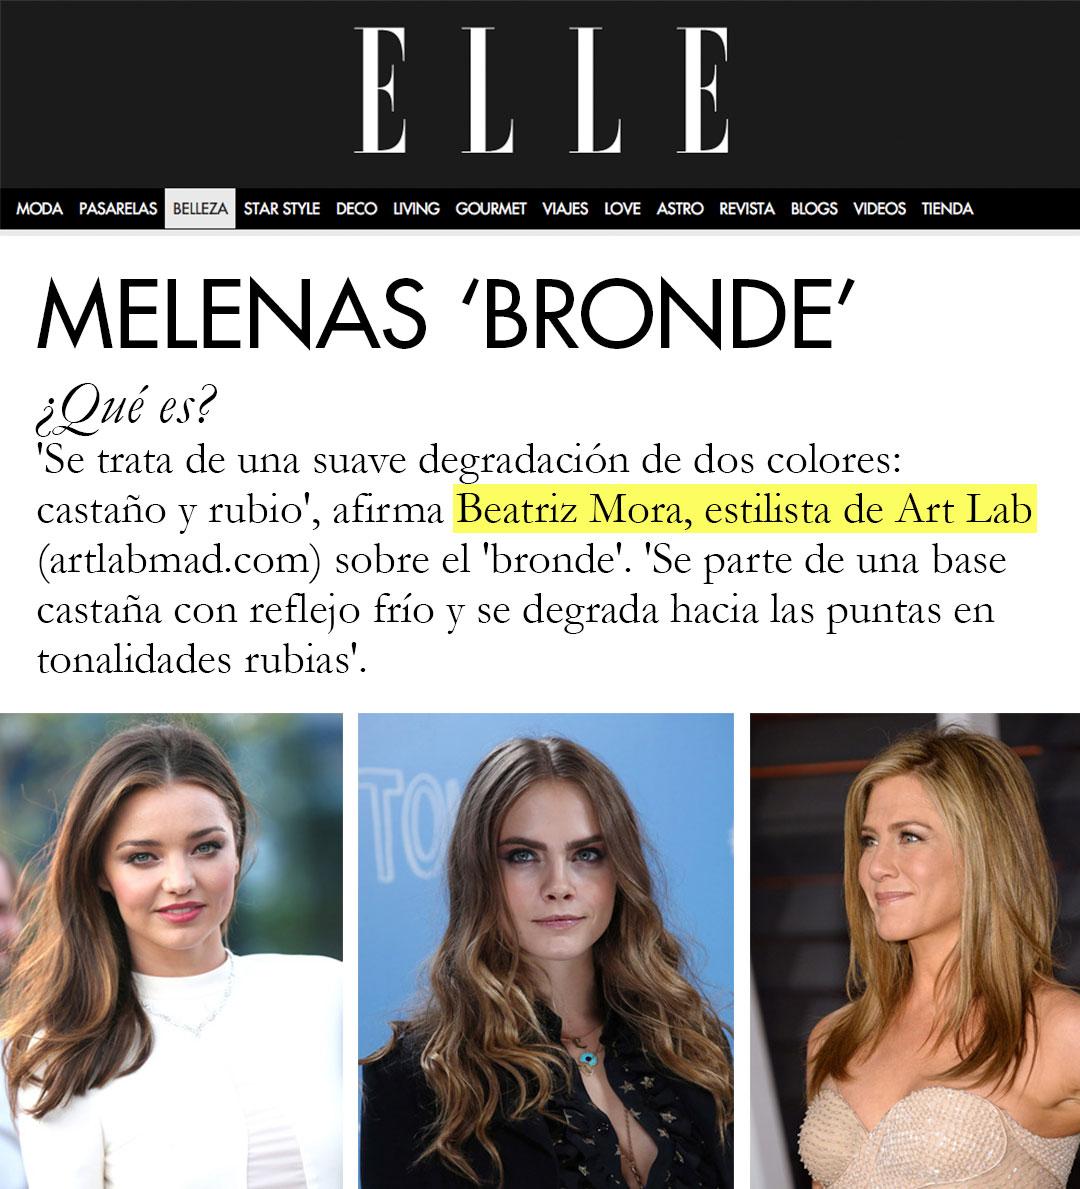 Beatriz Mora sobre Melenas 'Bronde' por ELLE.es